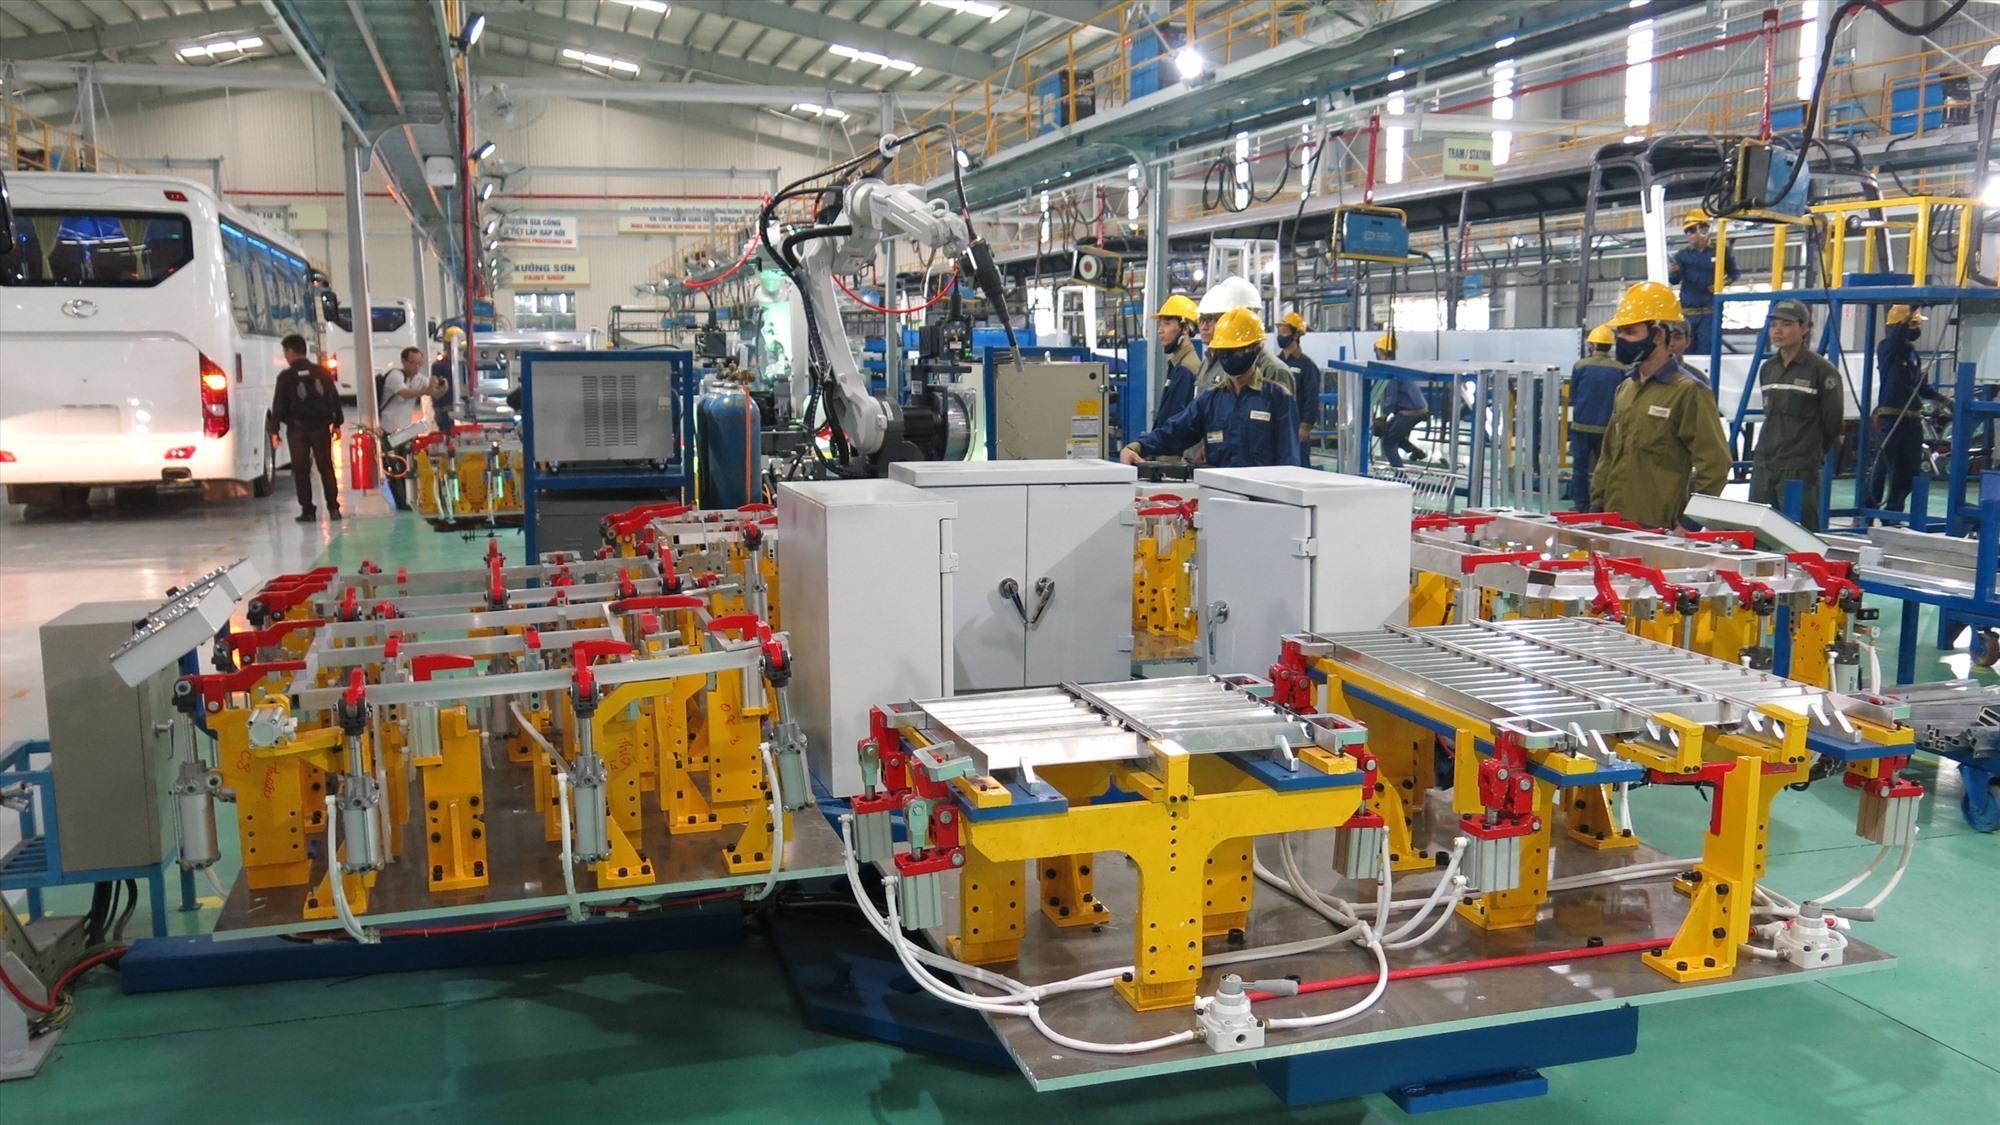 Ngoài cơ khí và ô tô là chủ lực, Thaco sẽ phát triển thành tập đoàn đa ngành với nhiều lĩnh vực hỗ trợ khác nhau, thúc đẩy chiến lược phát triển kinh tế. Ảnh: T.DŨNG